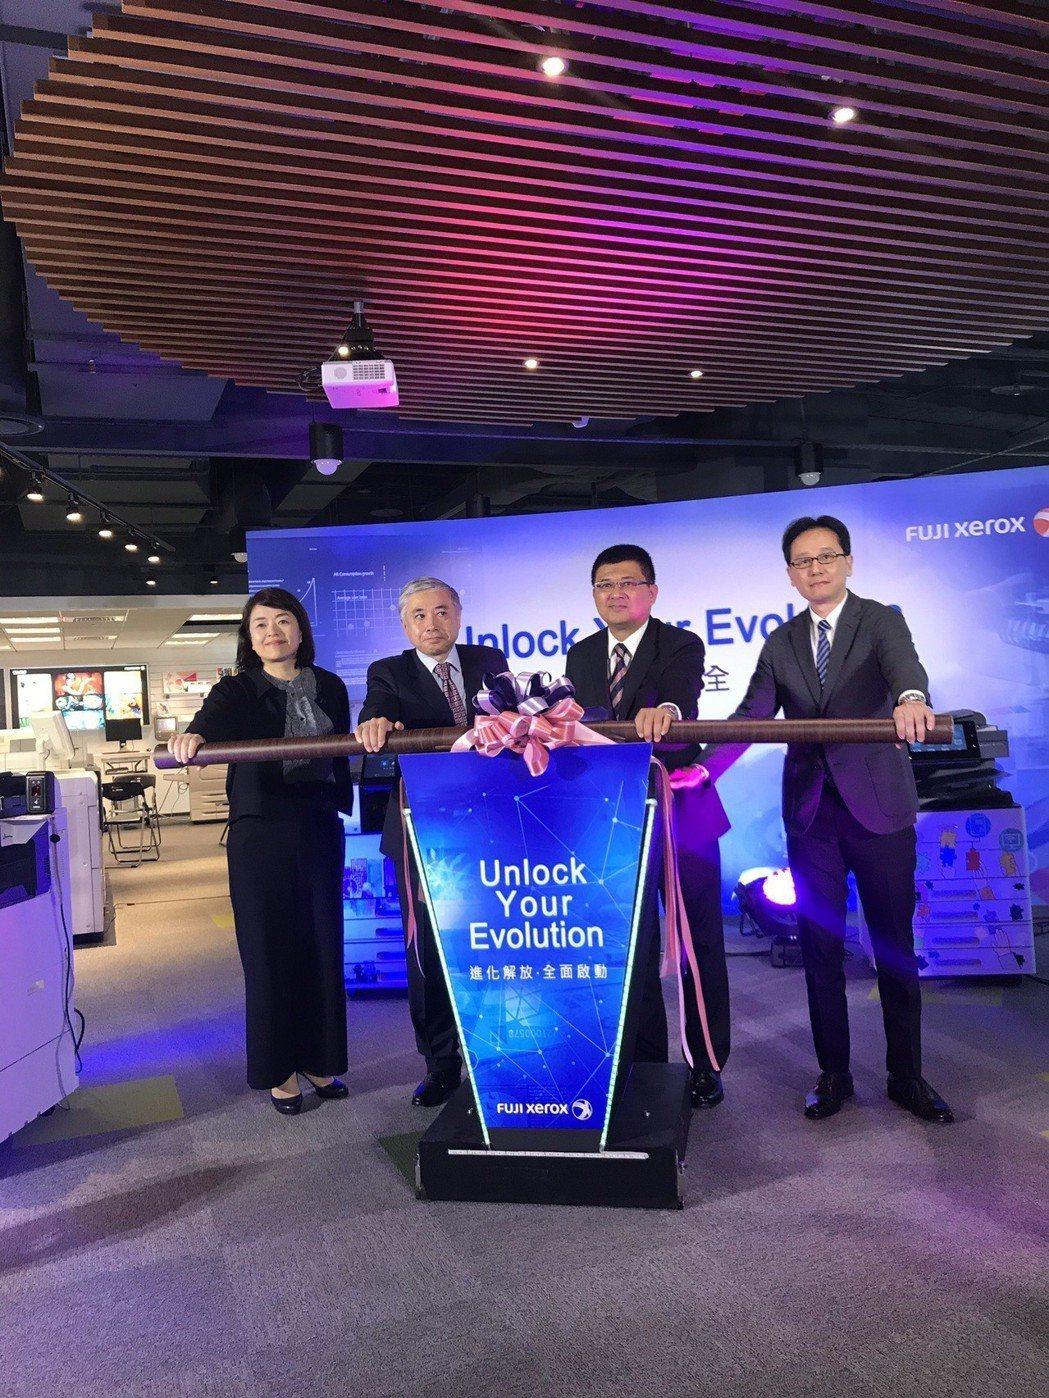 富士全錄董事長勝田明典(左二),率領公司主管共同啟動進化發表大會。項璿/攝影